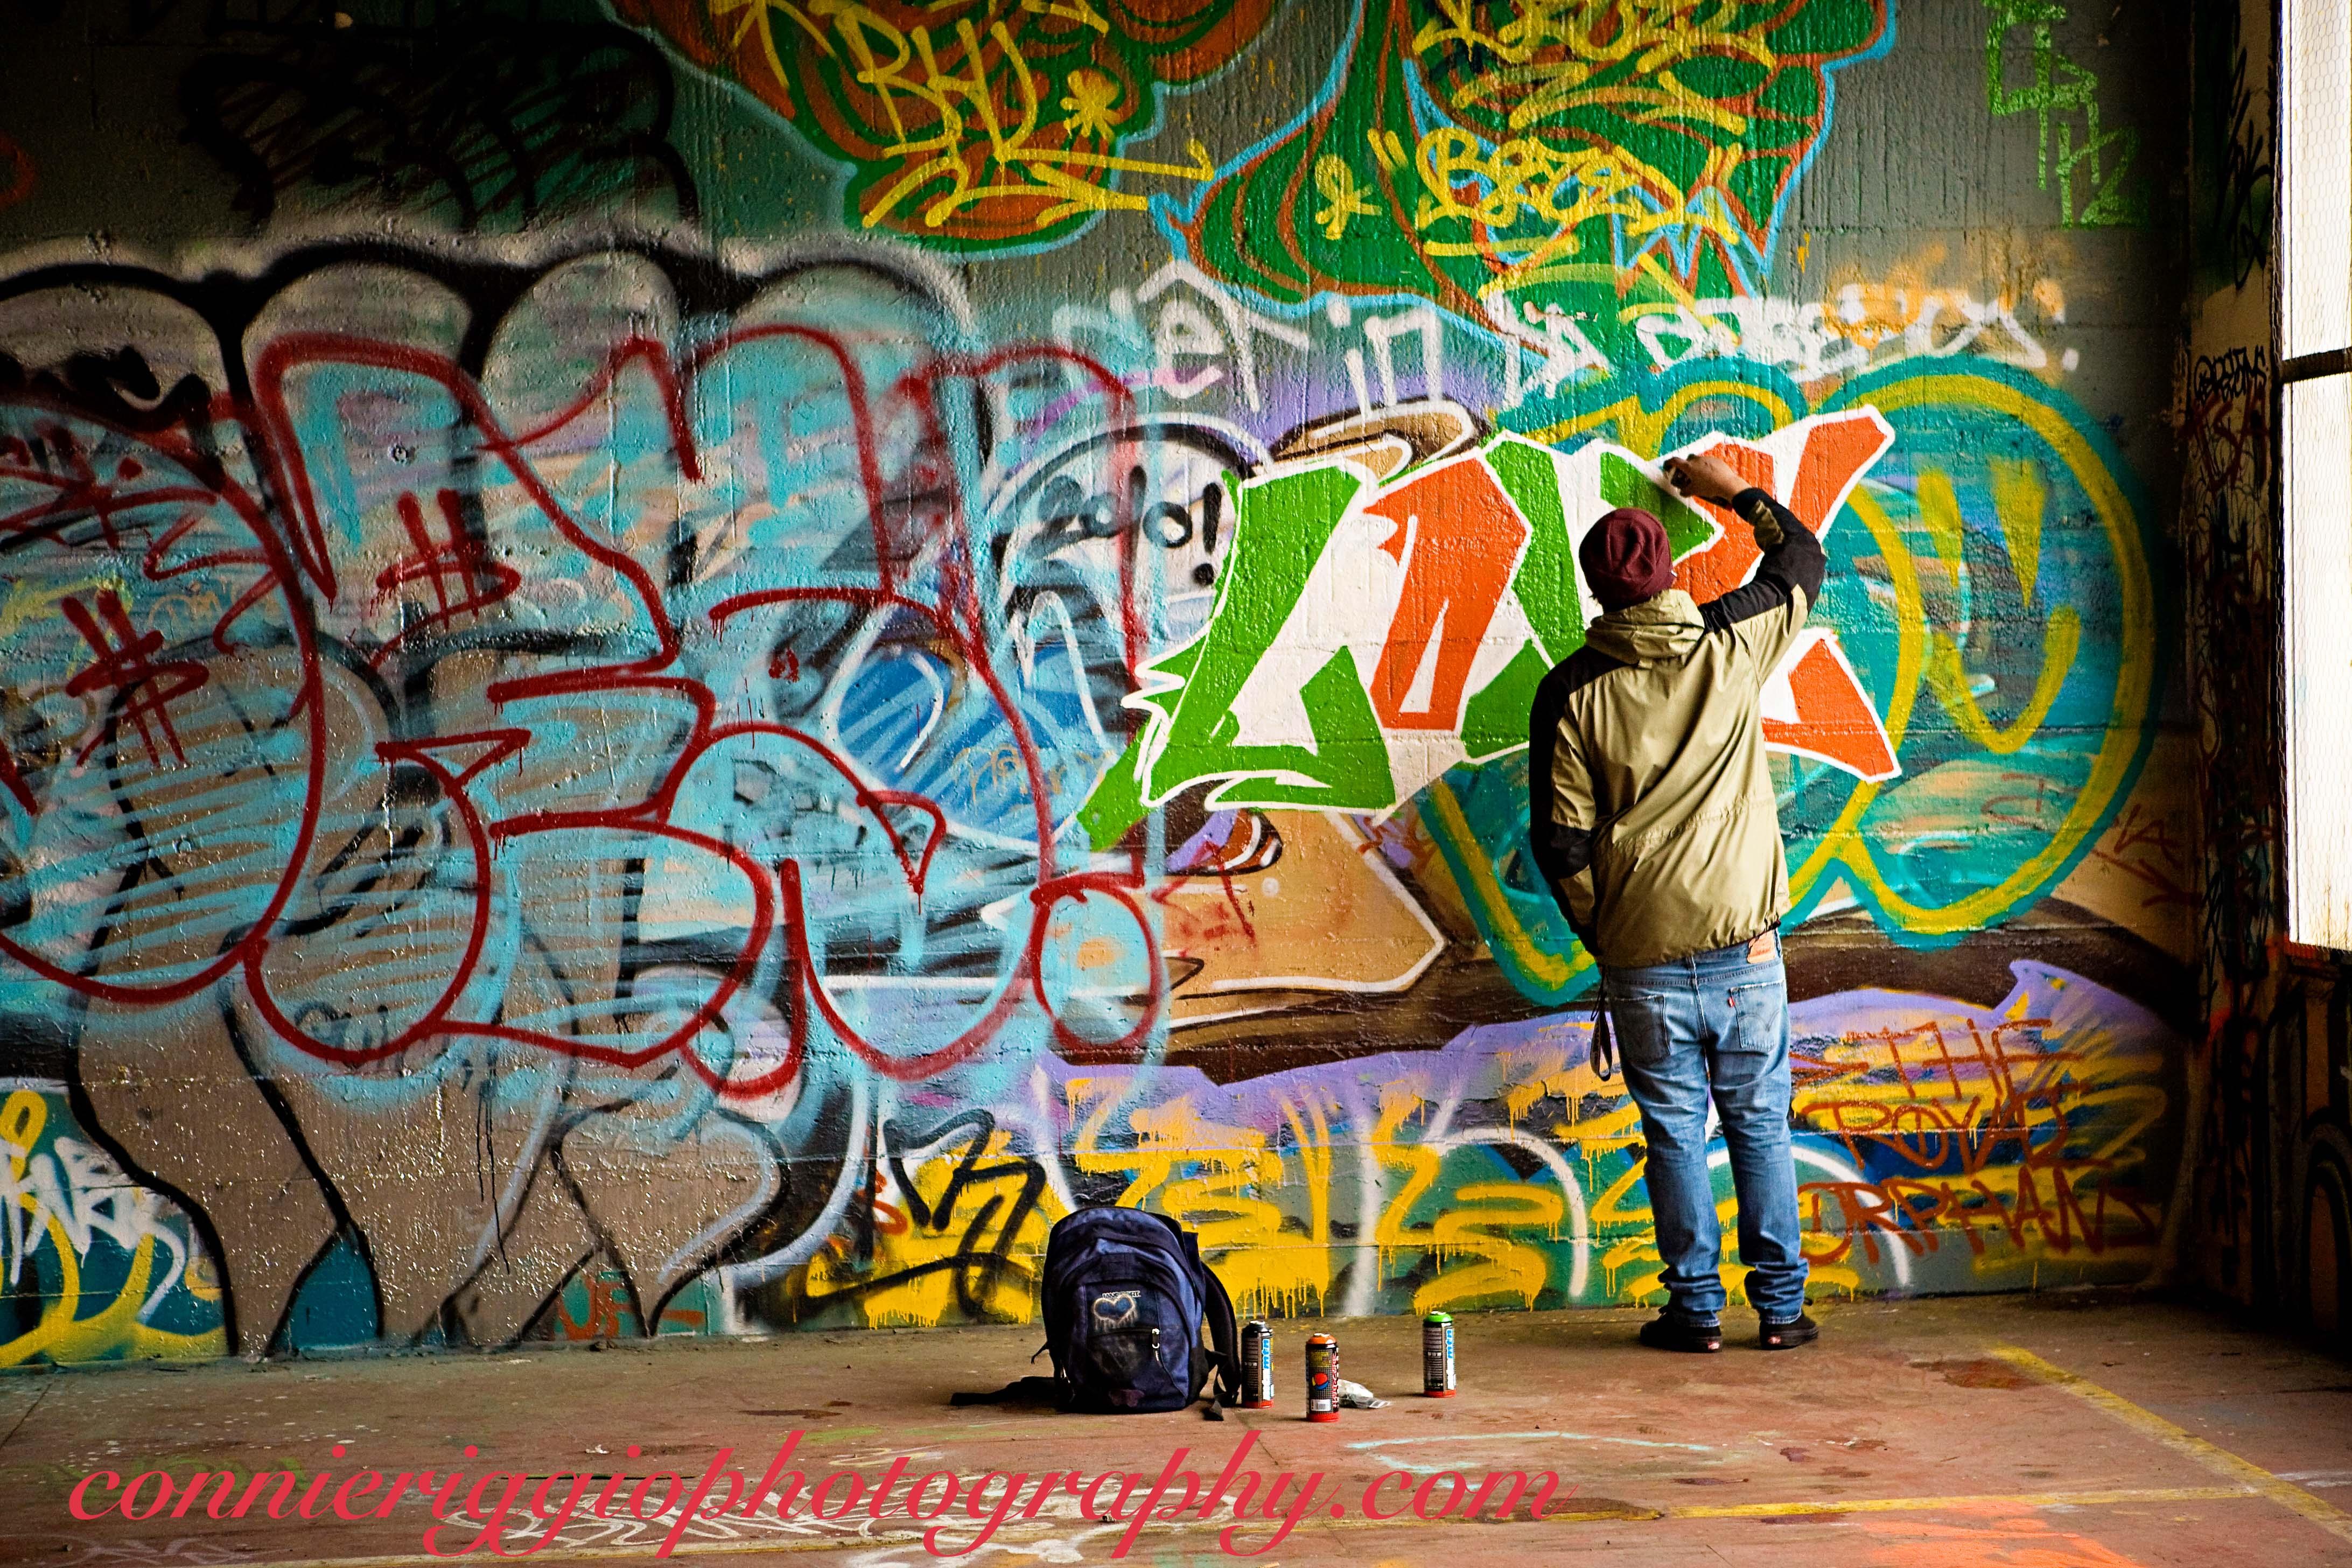 Creating Graffiti